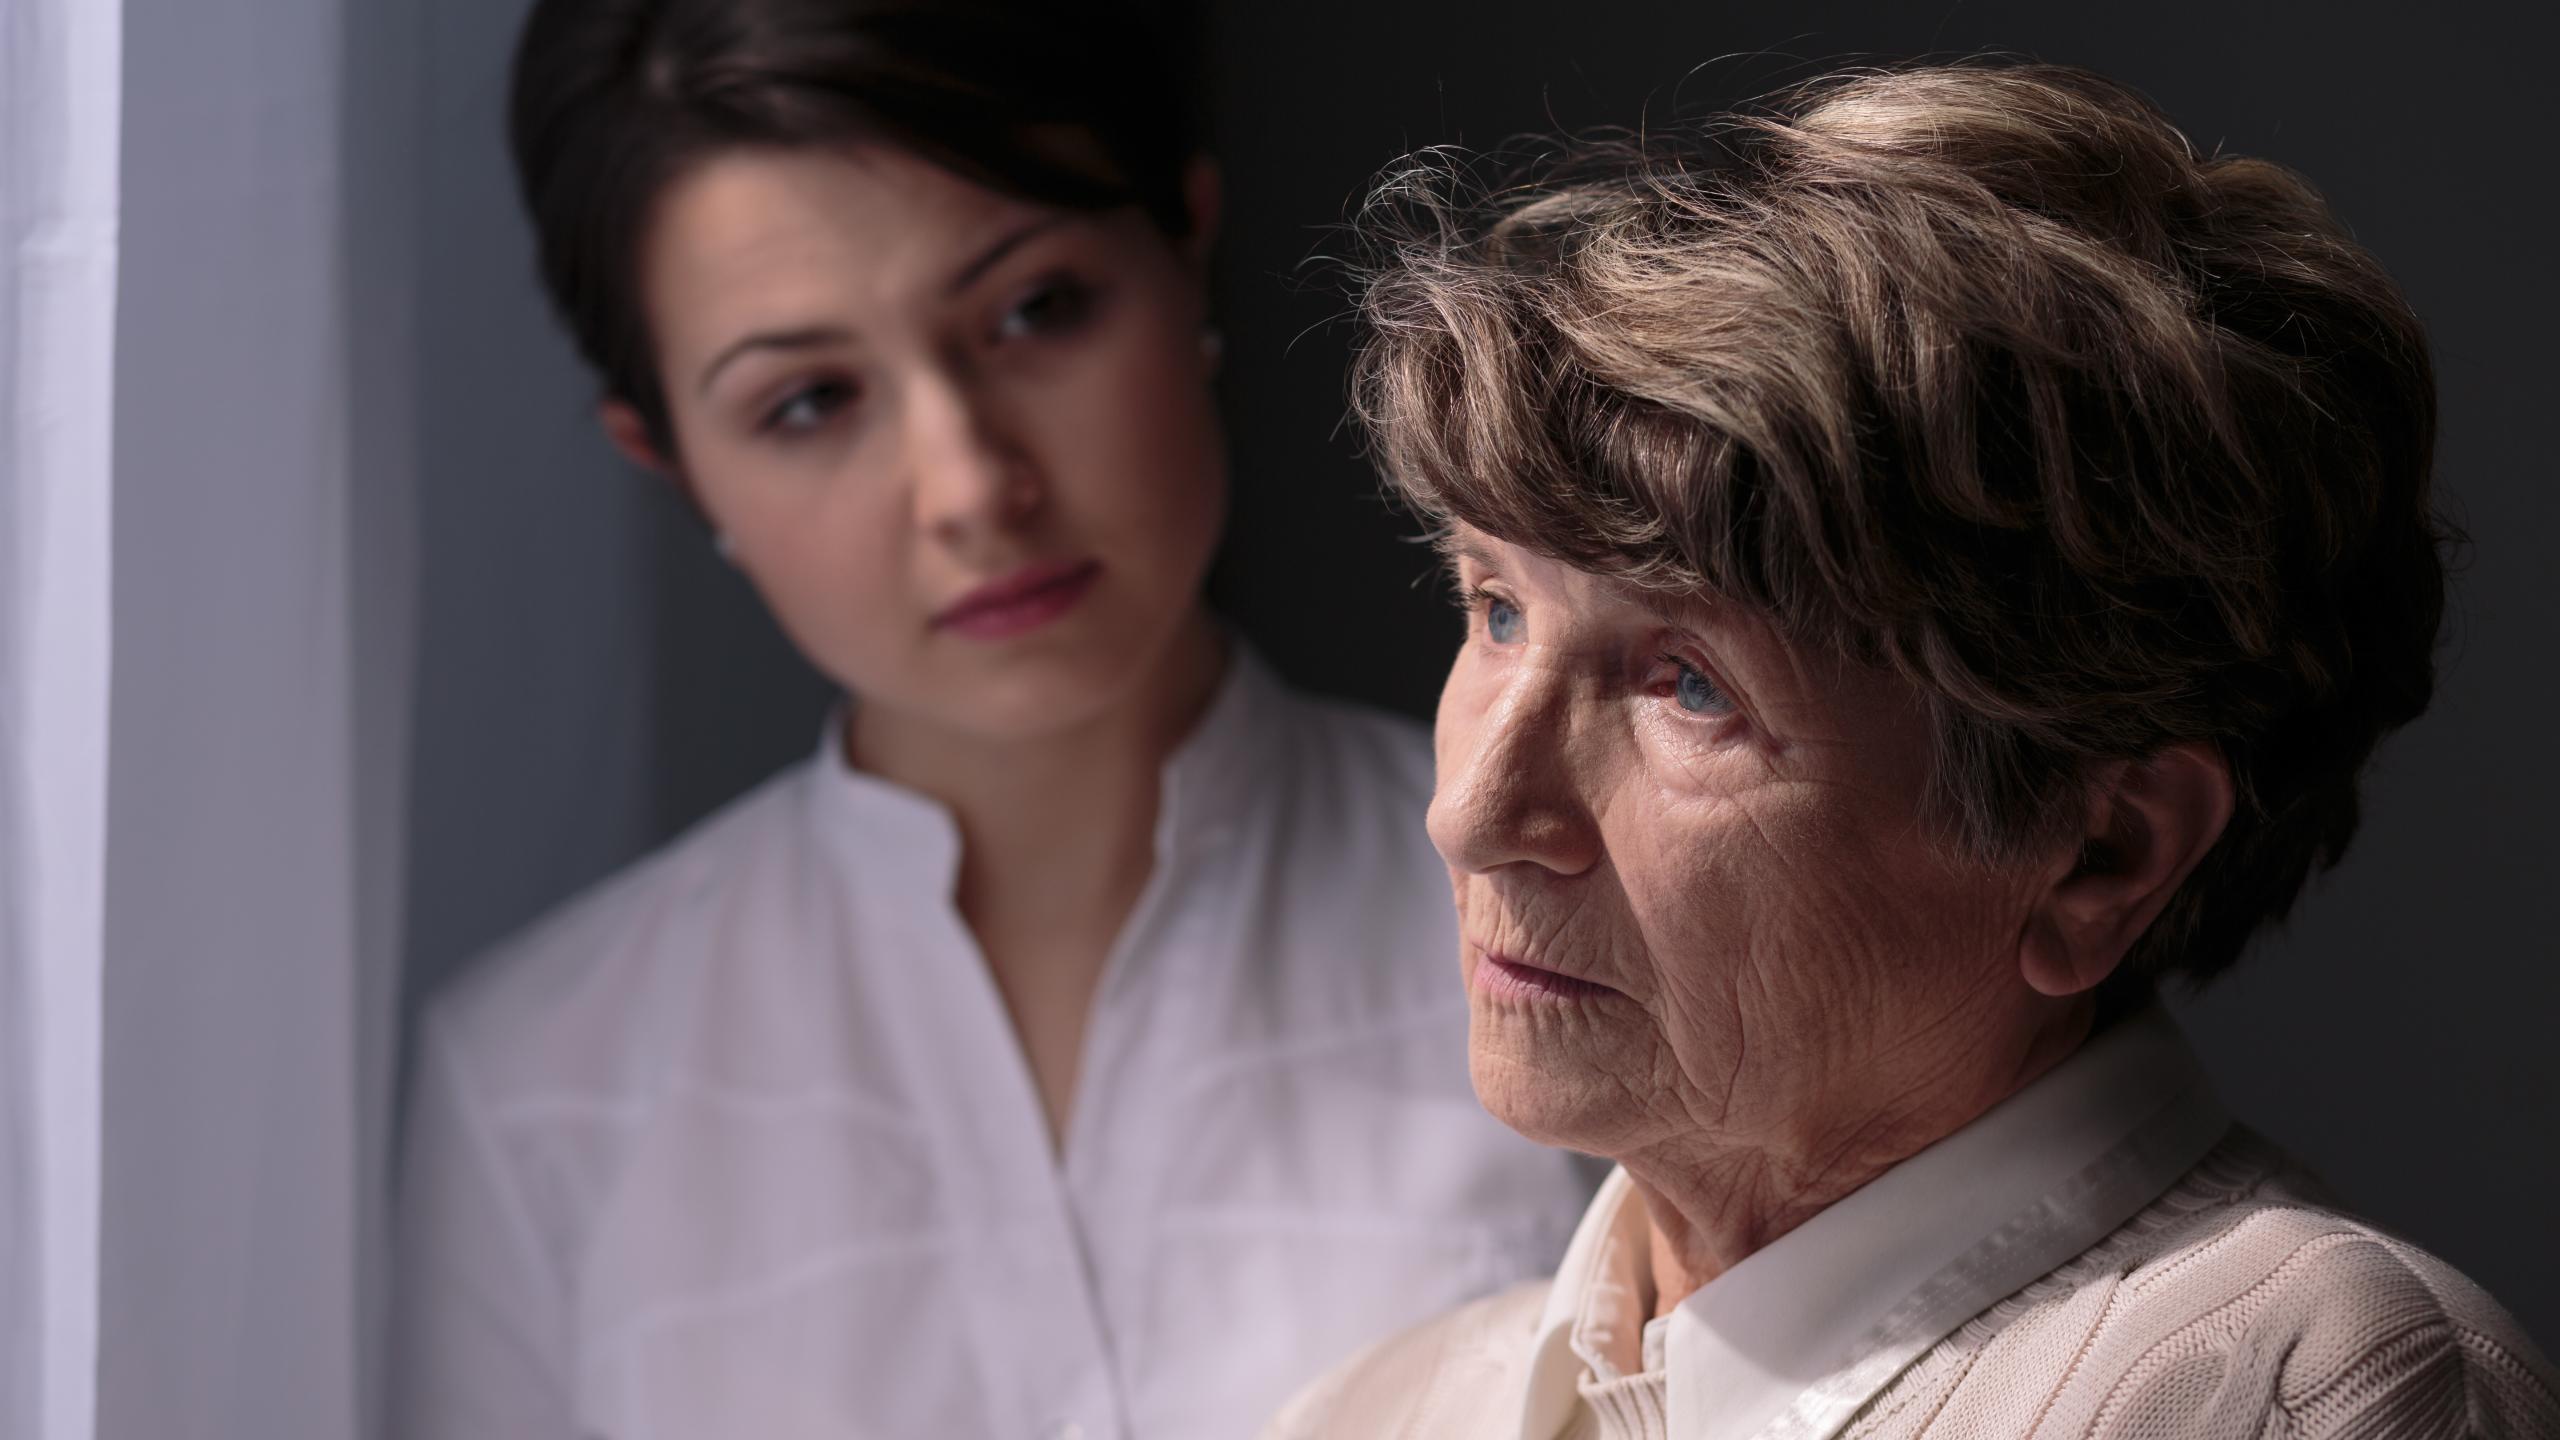 10 самых достоверных факторов риска болезни Альцгеймера